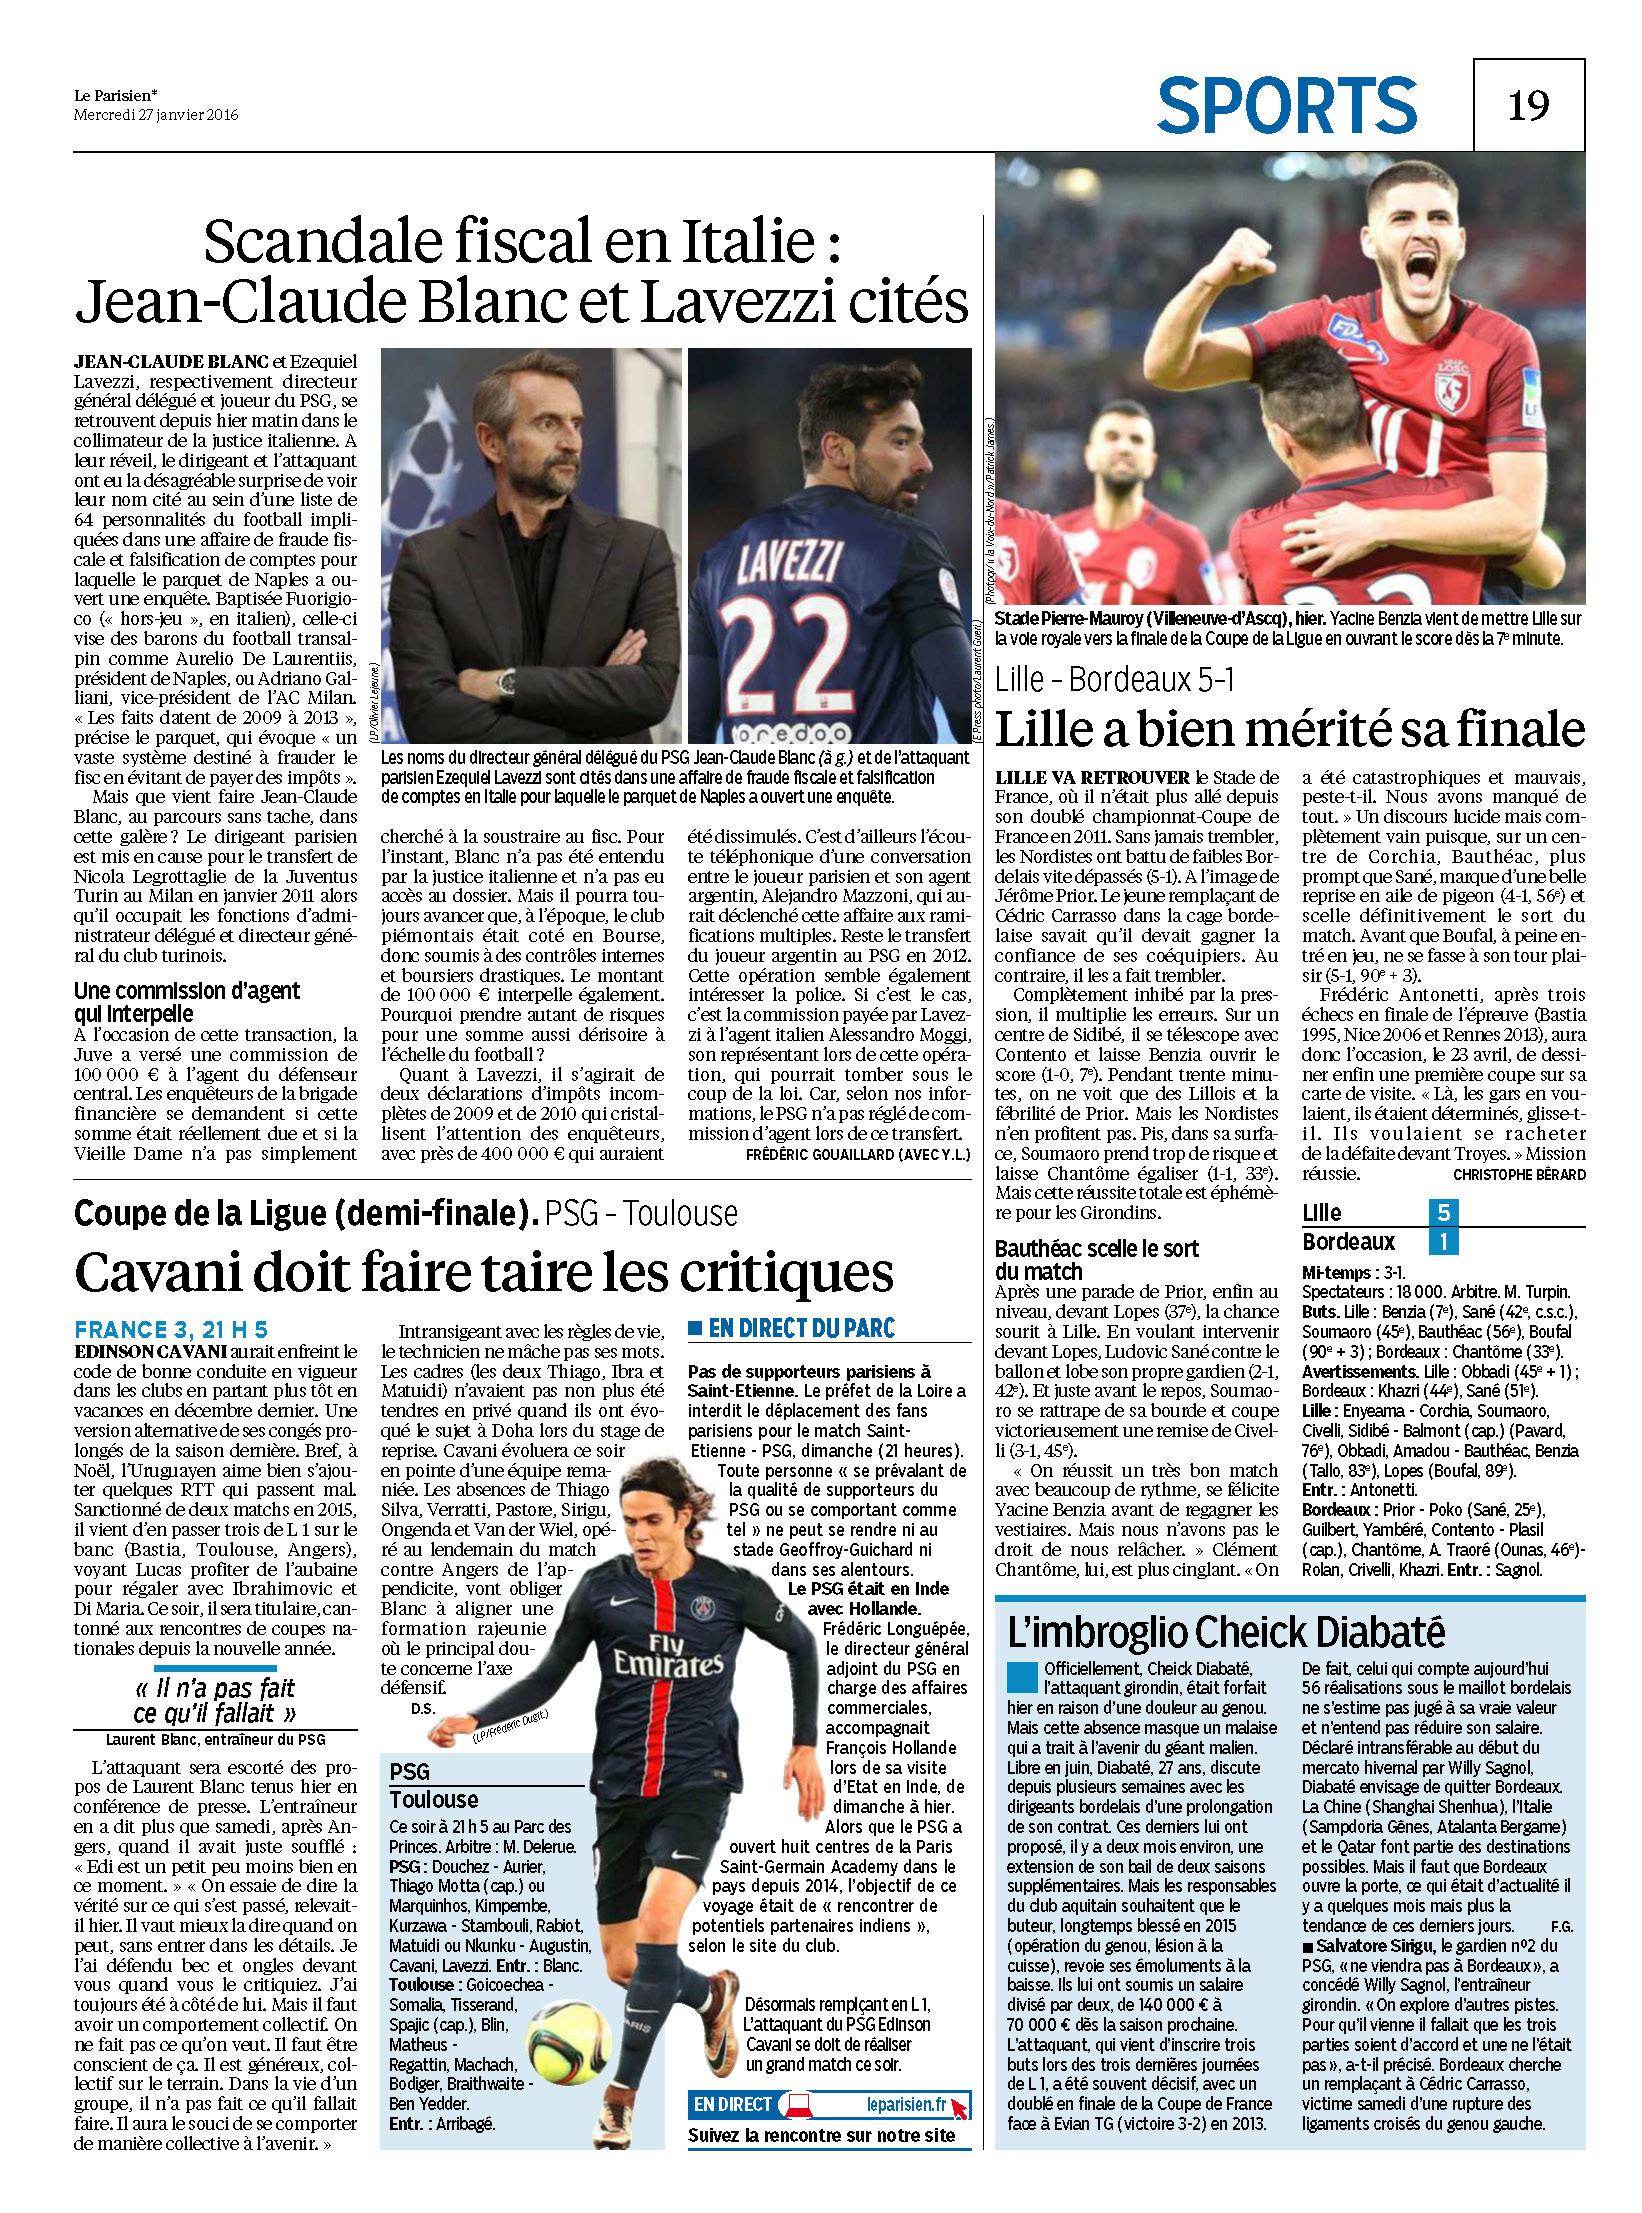 Coupe de la ligue revue de presse 1 2 finale psg - Coupe de la ligue demi finale ...